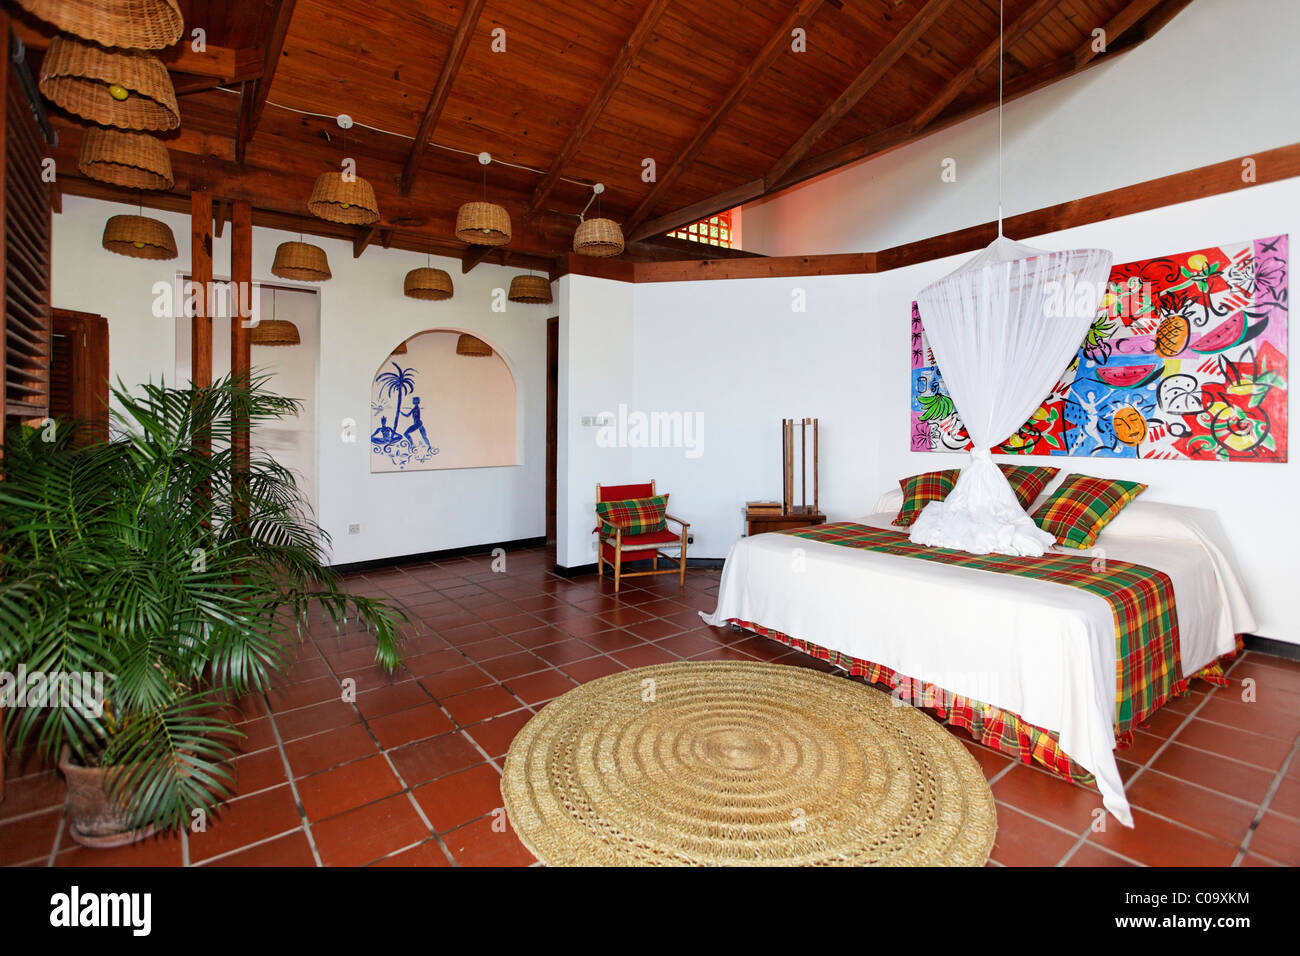 Hotelzimmer mit Originaldruck von Stefan Szcesny, Luxus Hotel Anse Chastanet Resort, LCA, St. Lucia, Saint Lucia Stockbild